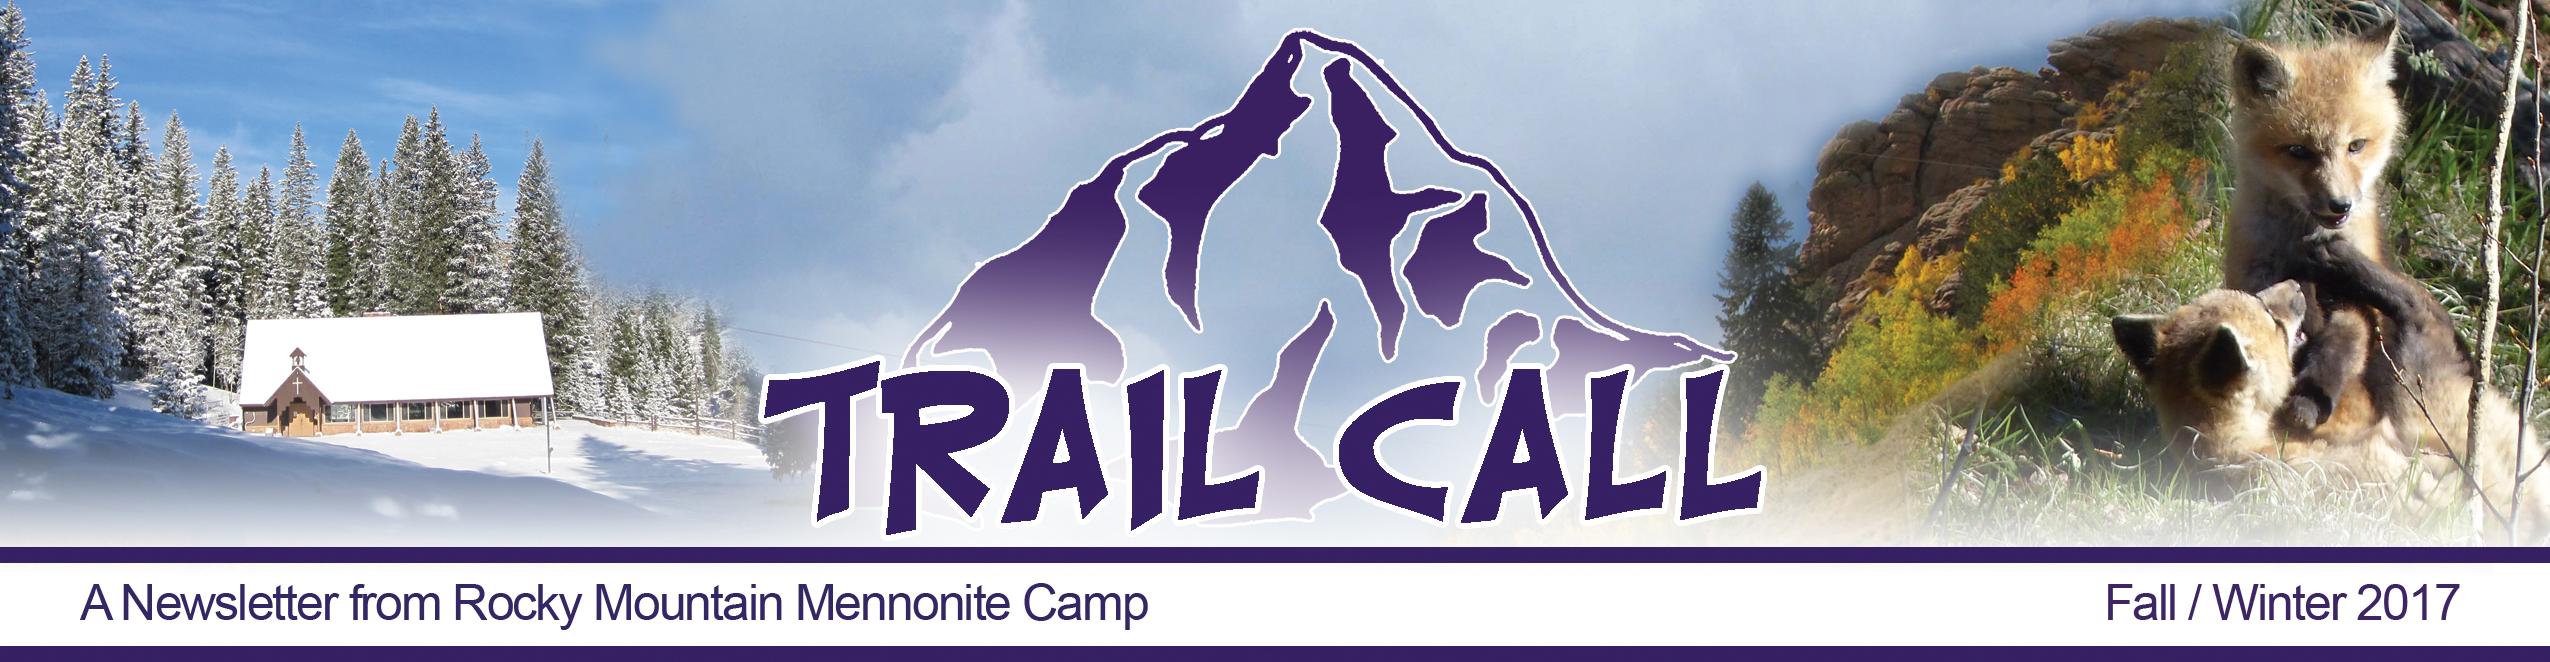 Trail-Call-Header-Fall-Winter-RGB.jpg